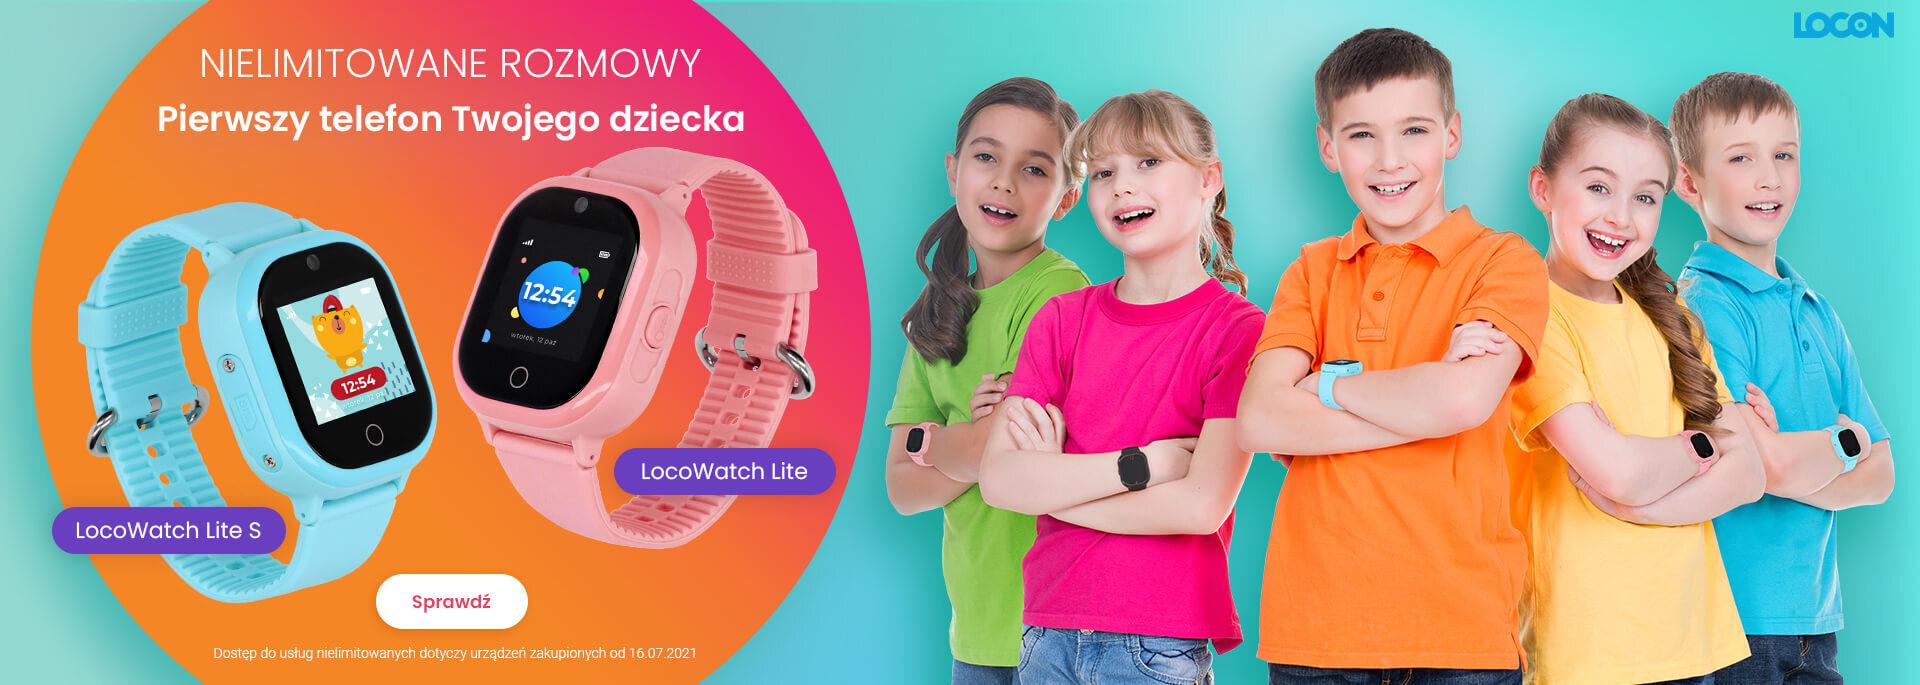 Nielimitowane rozmowy dla dziecka w smartwatchach LocoWatch Lite